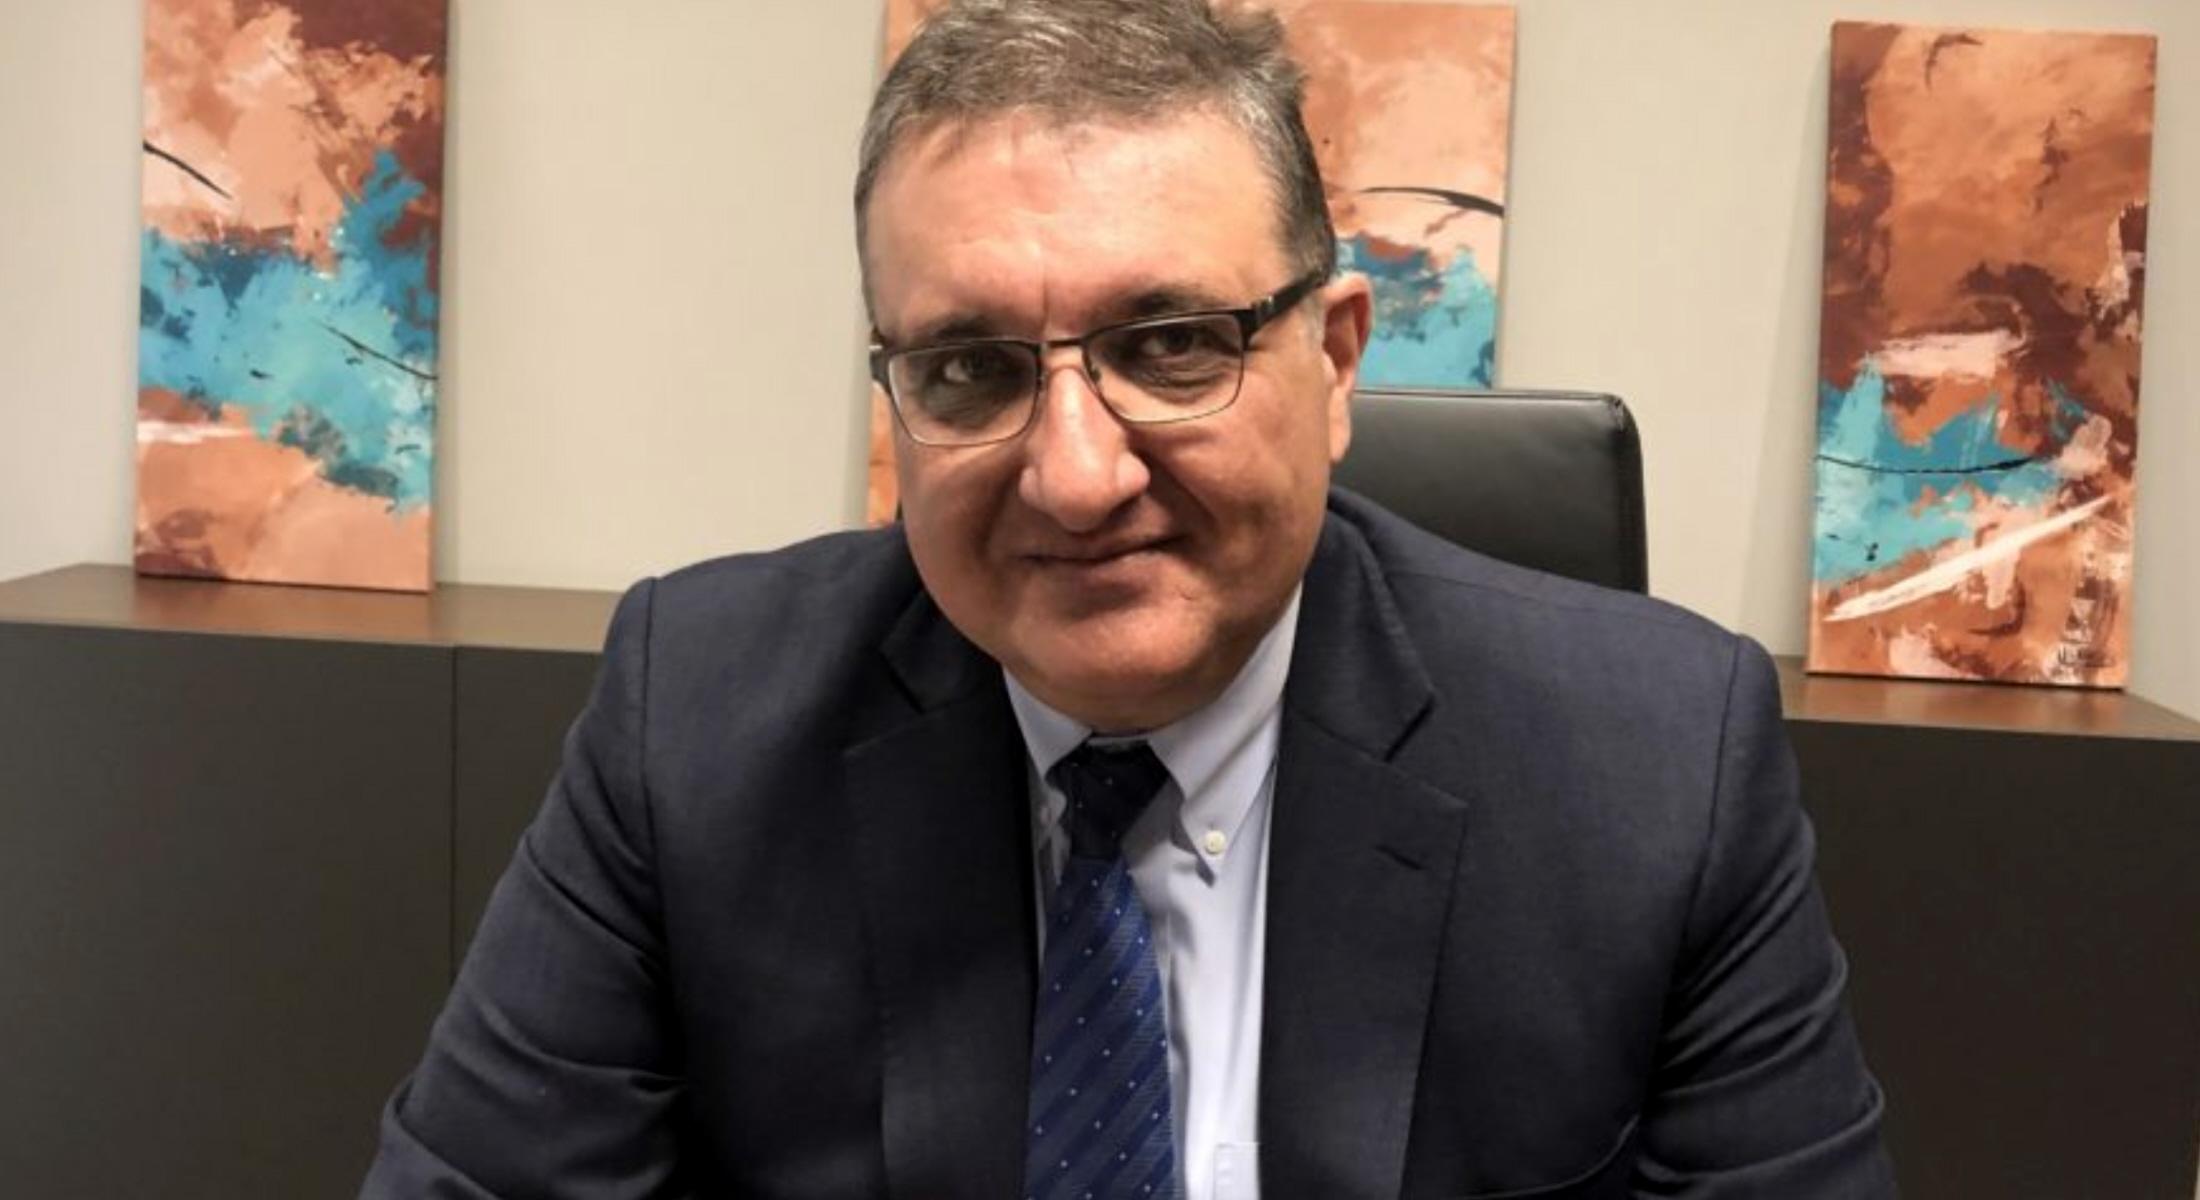 Το εξοργιστικό σχόλιο του προέδρου του Πανελλήνιου Ιατρικού Συλλόγου για τις χήρες των γιατρών του ΕΣΥ…